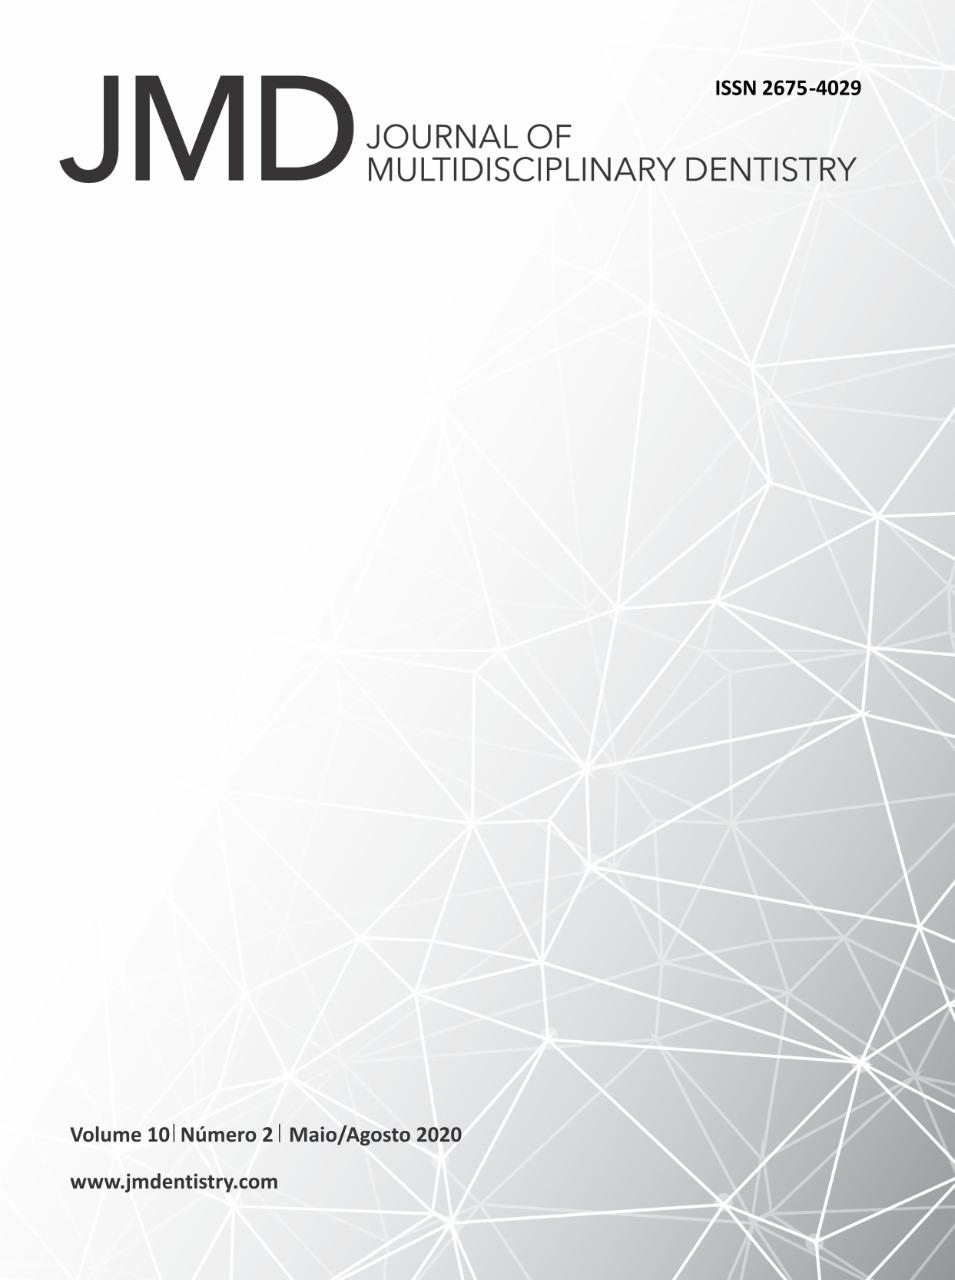 jmd_capa_v10_n2_2020